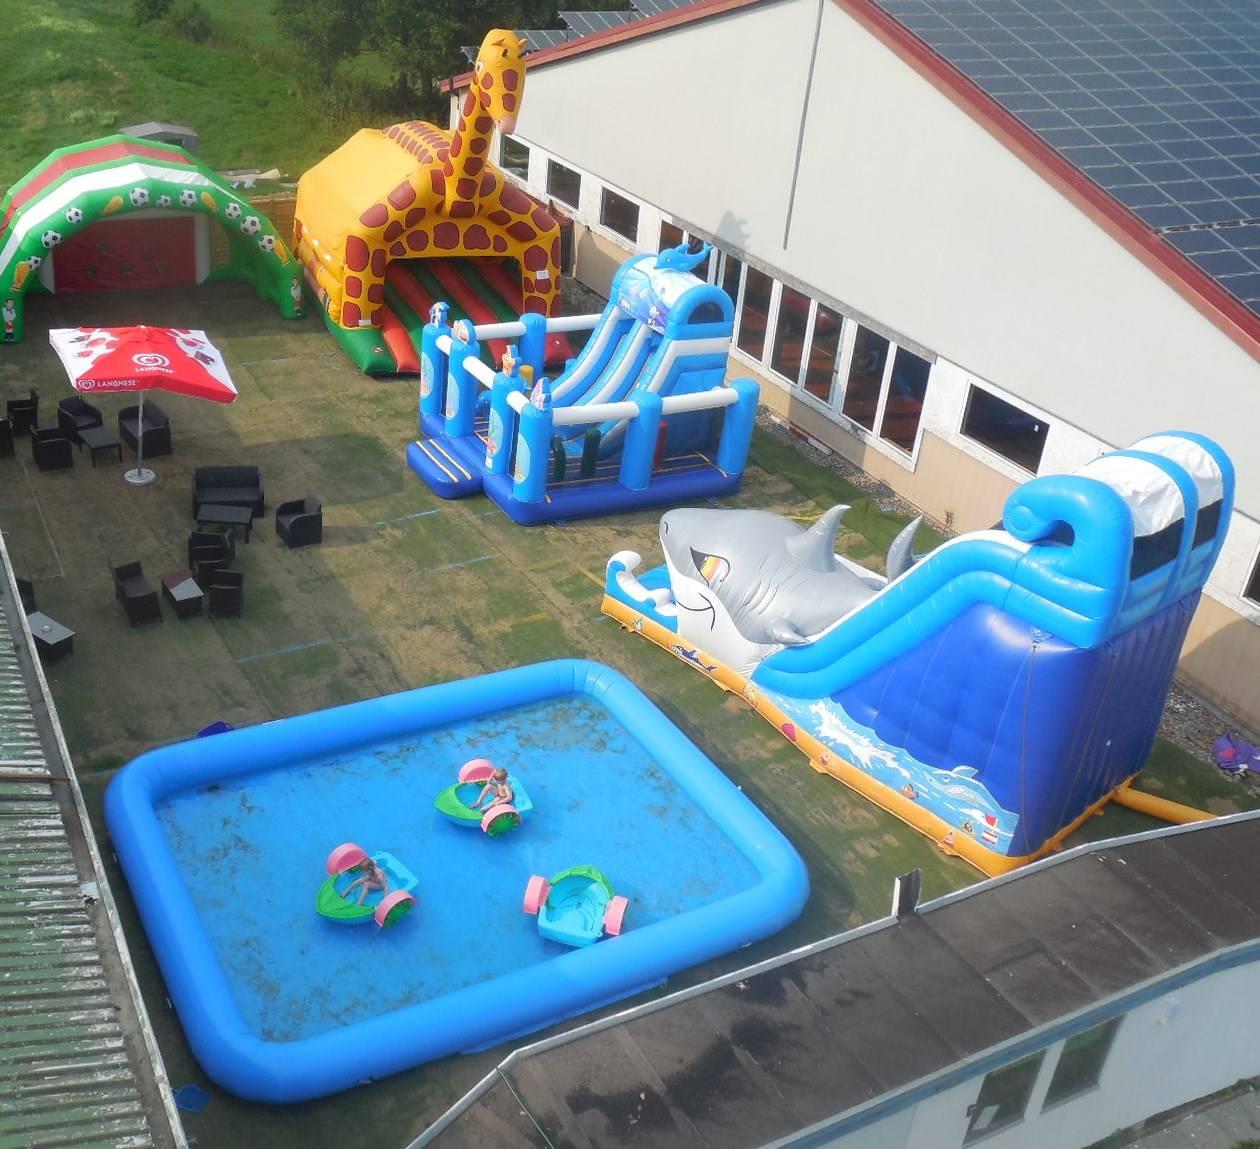 Indoorspielplatz HAPPYLAND In Bad Saulgau